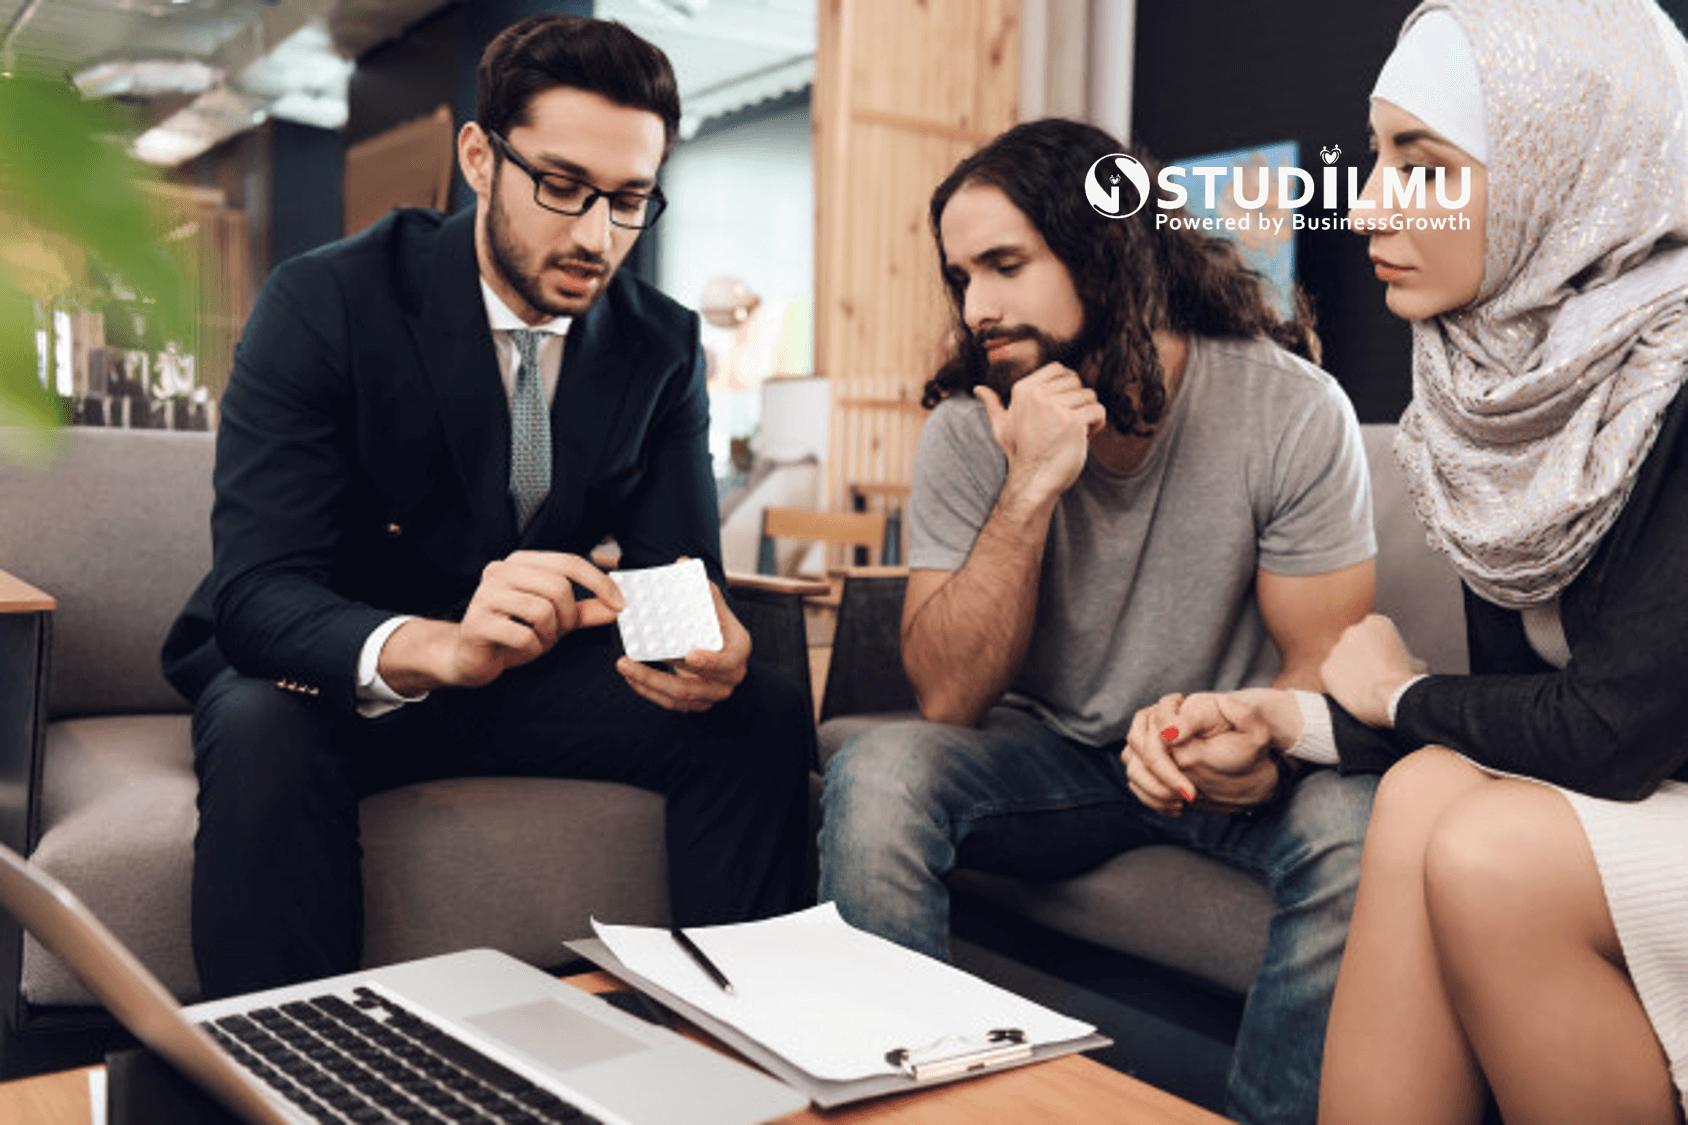 STUDILMU Career Advice - 4 Bahasa Tubuh yang Penting saat Networking